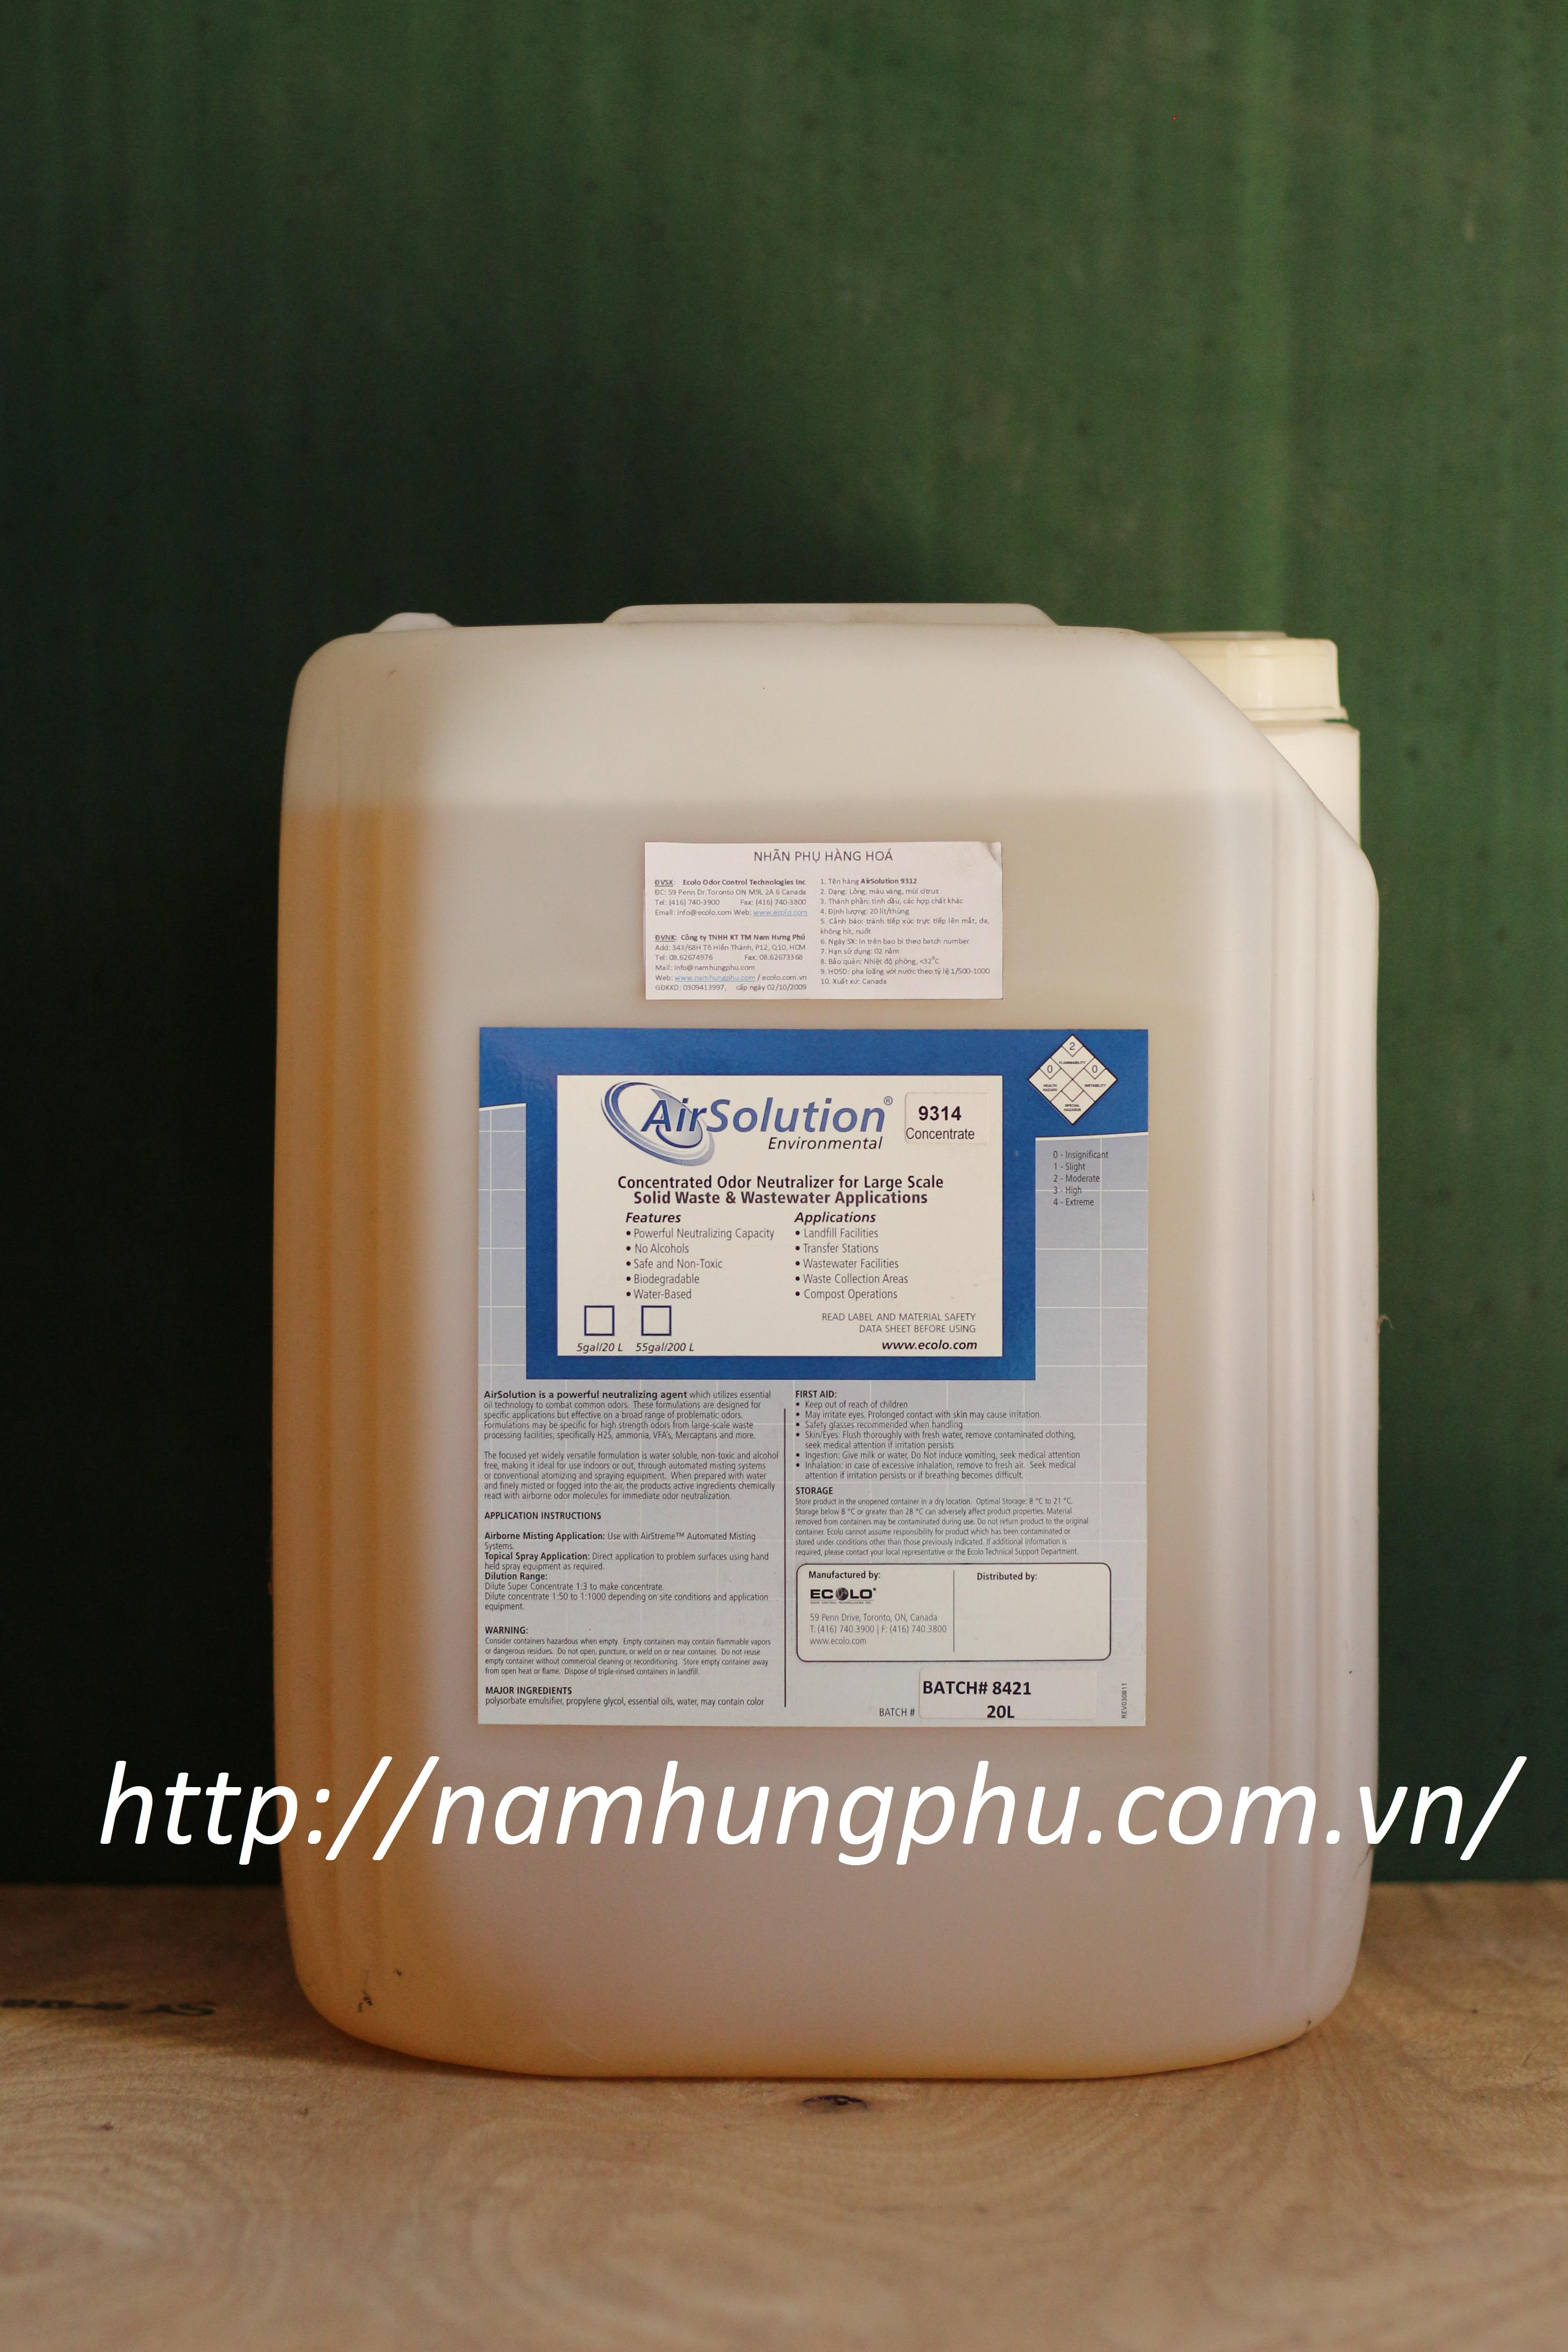 AirSolution9314 - Sản phẩm xử lý mùi hôi trong nhà xưởng và khu vực mở